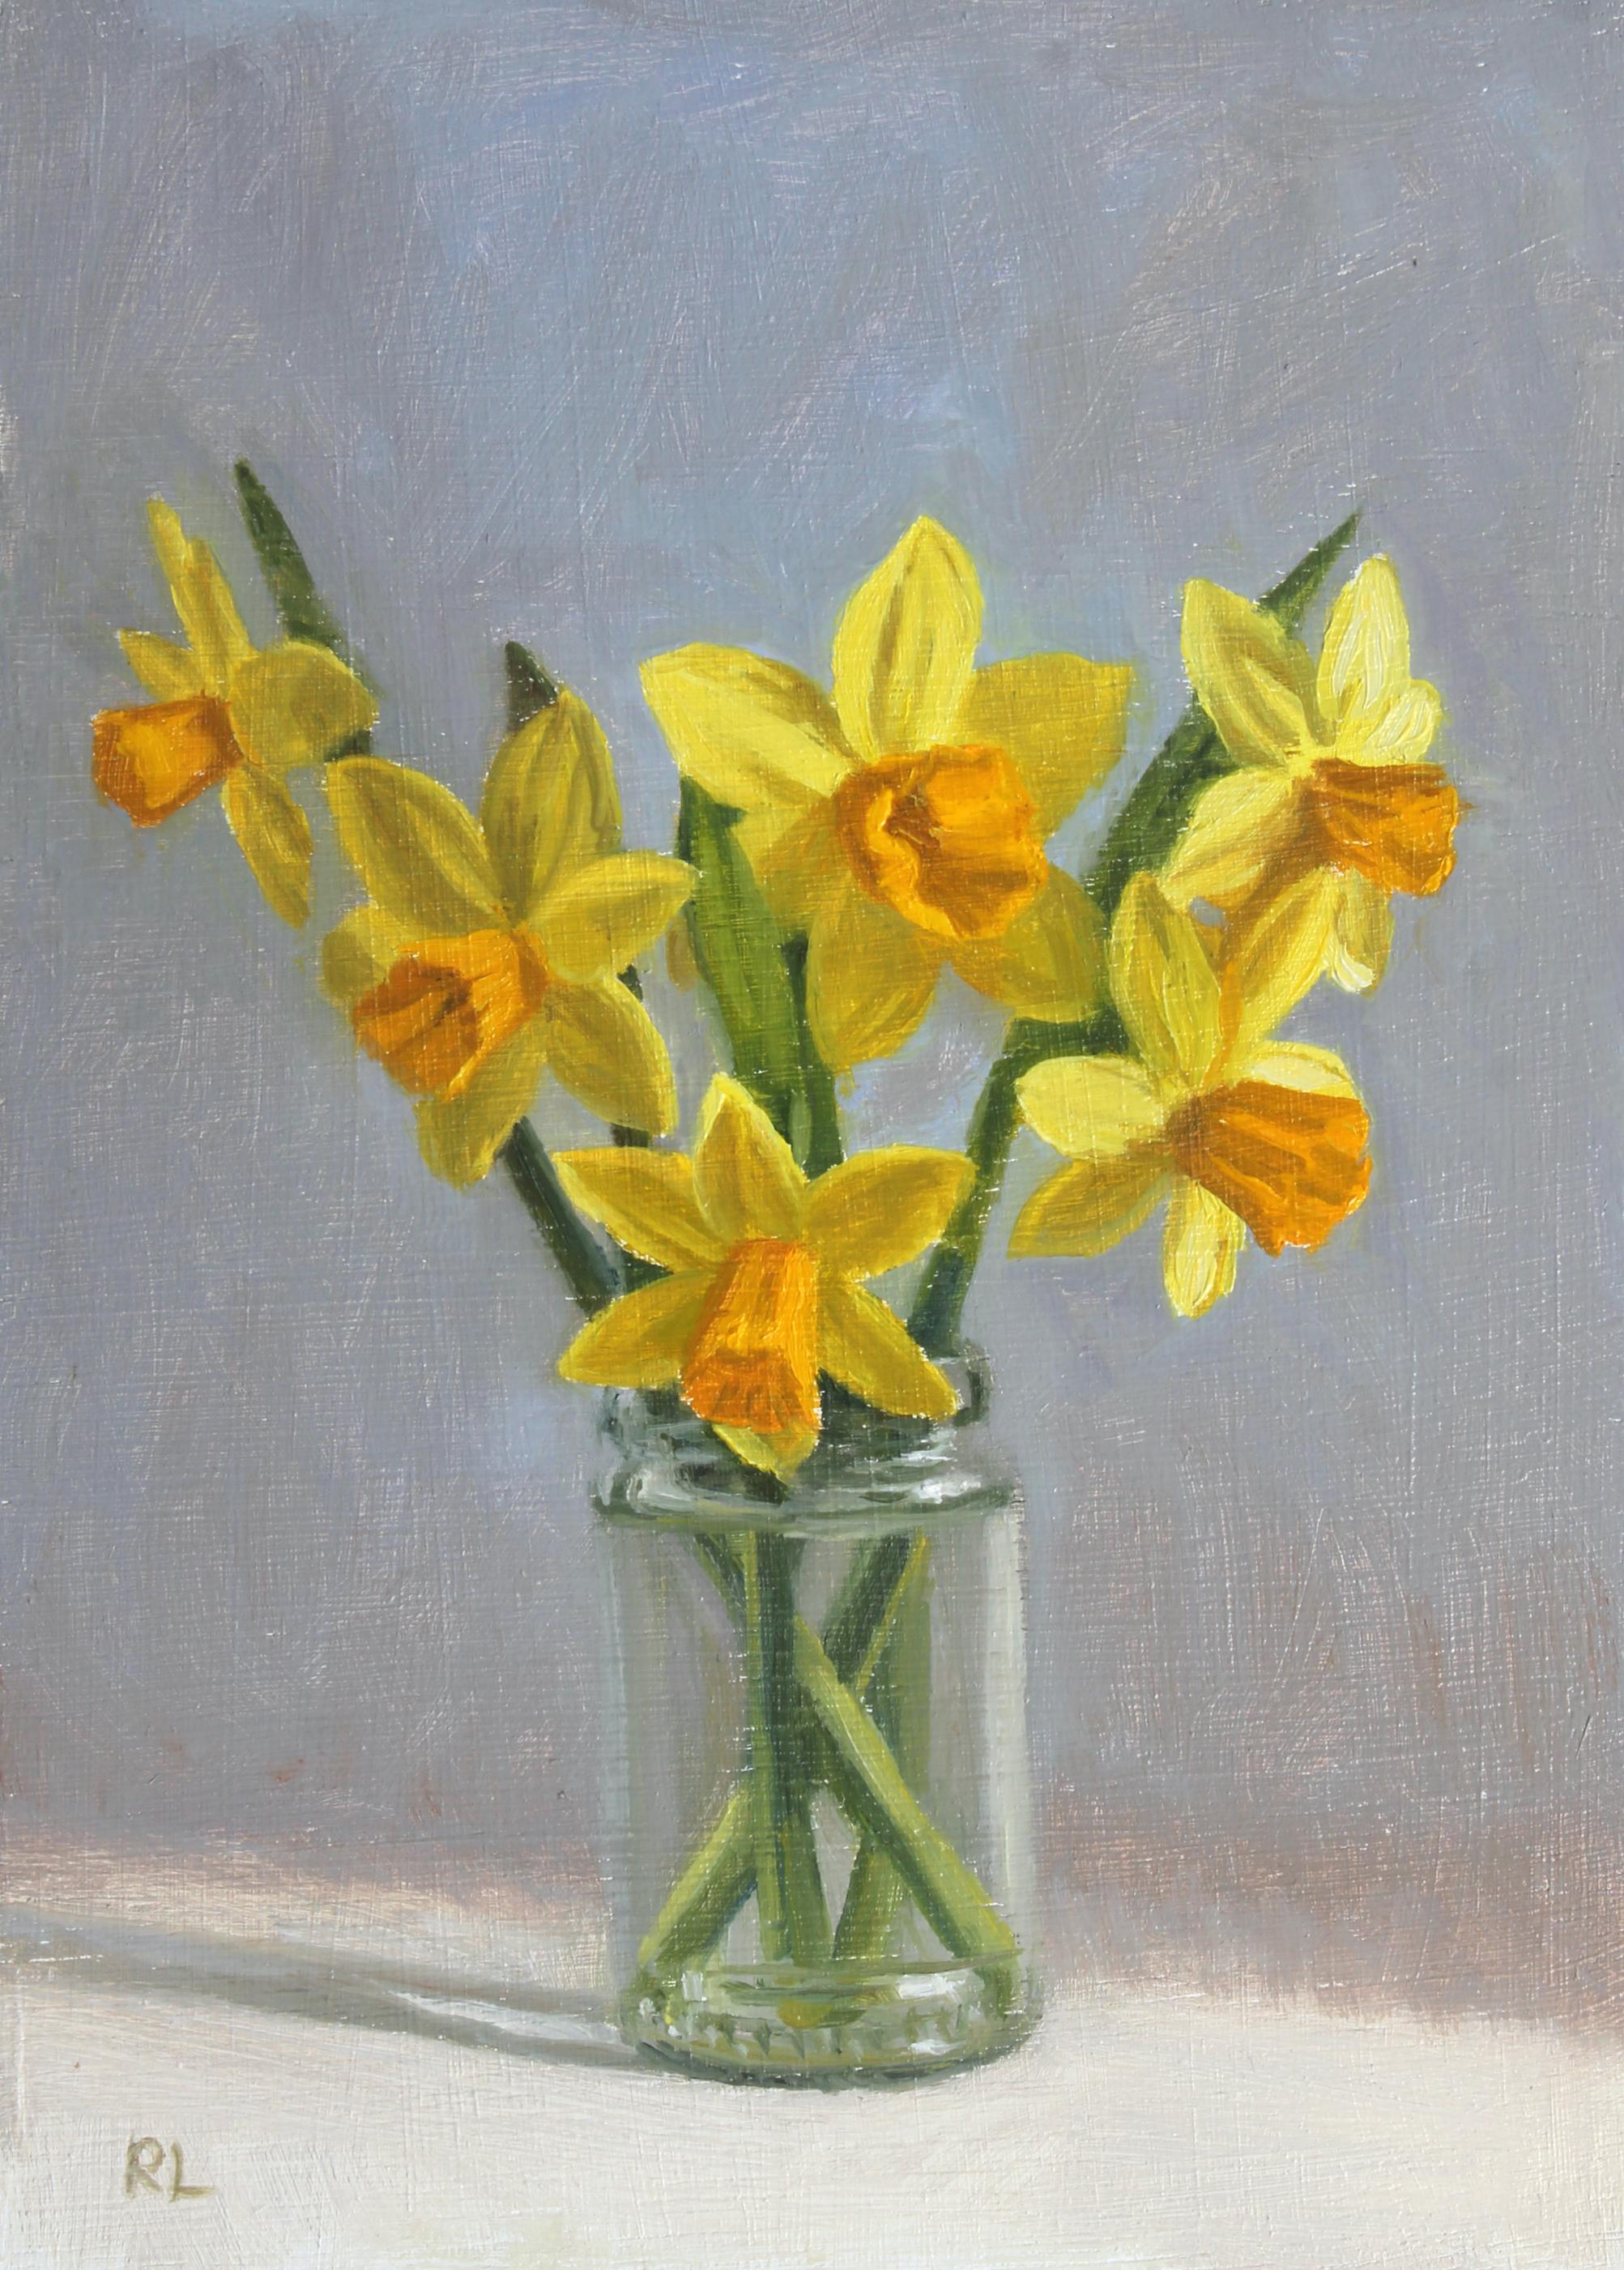 Daffodils in a Glass Jar III